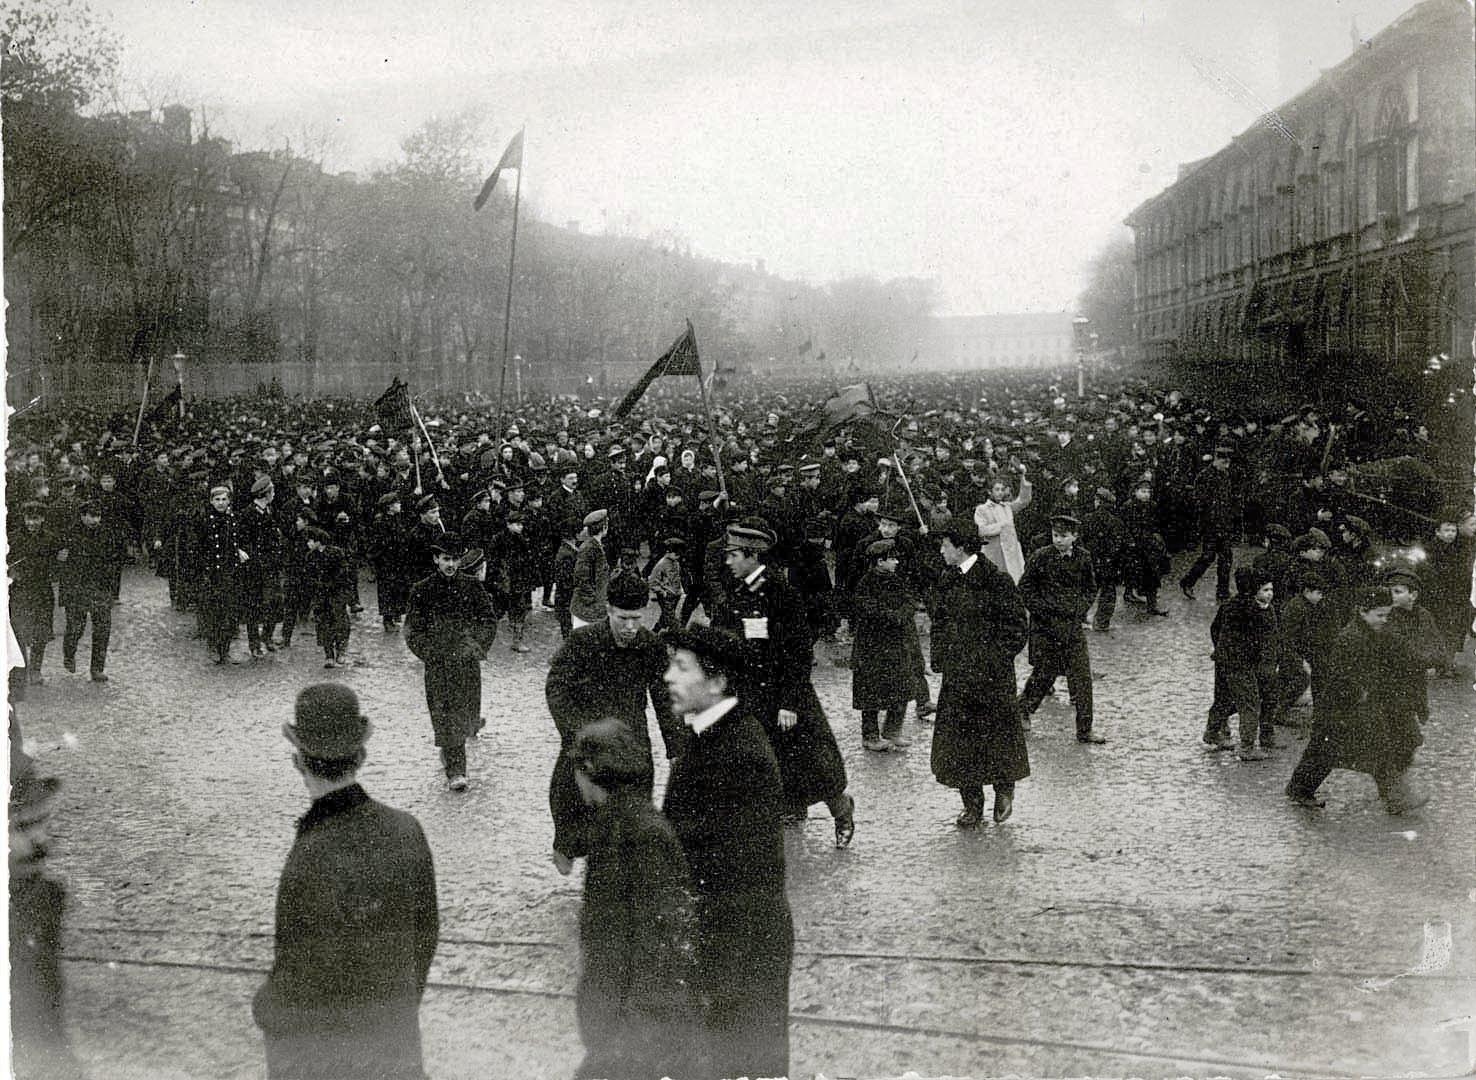 1905. Манифестация студентов 18 октября в Санкт-Петербурге